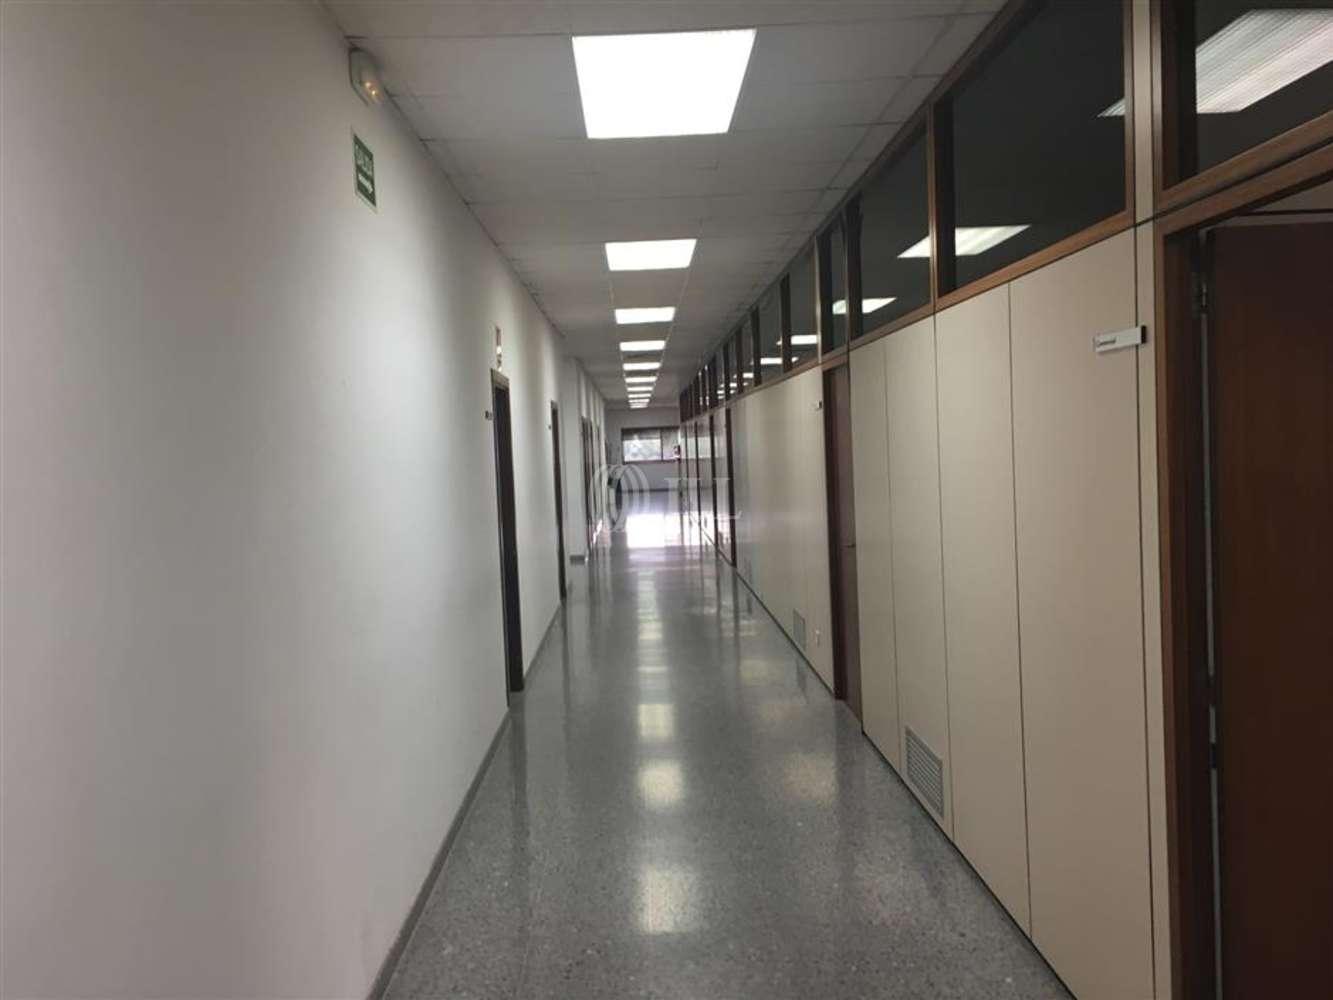 Naves industriales y logísticas Cornellà de llobregat, 08940 - Nave Industrial - B0355 - PI ALMEDA - 10527